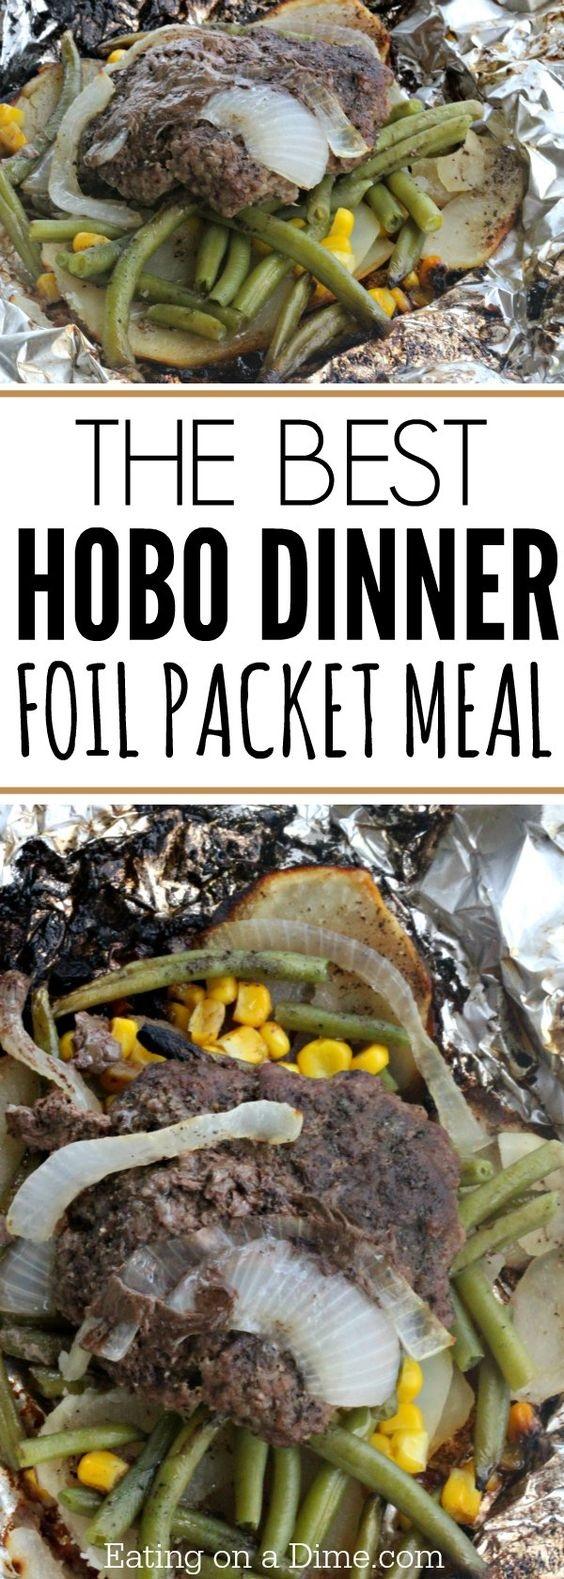 The Best Hobo Dinner Foil Packet Meal